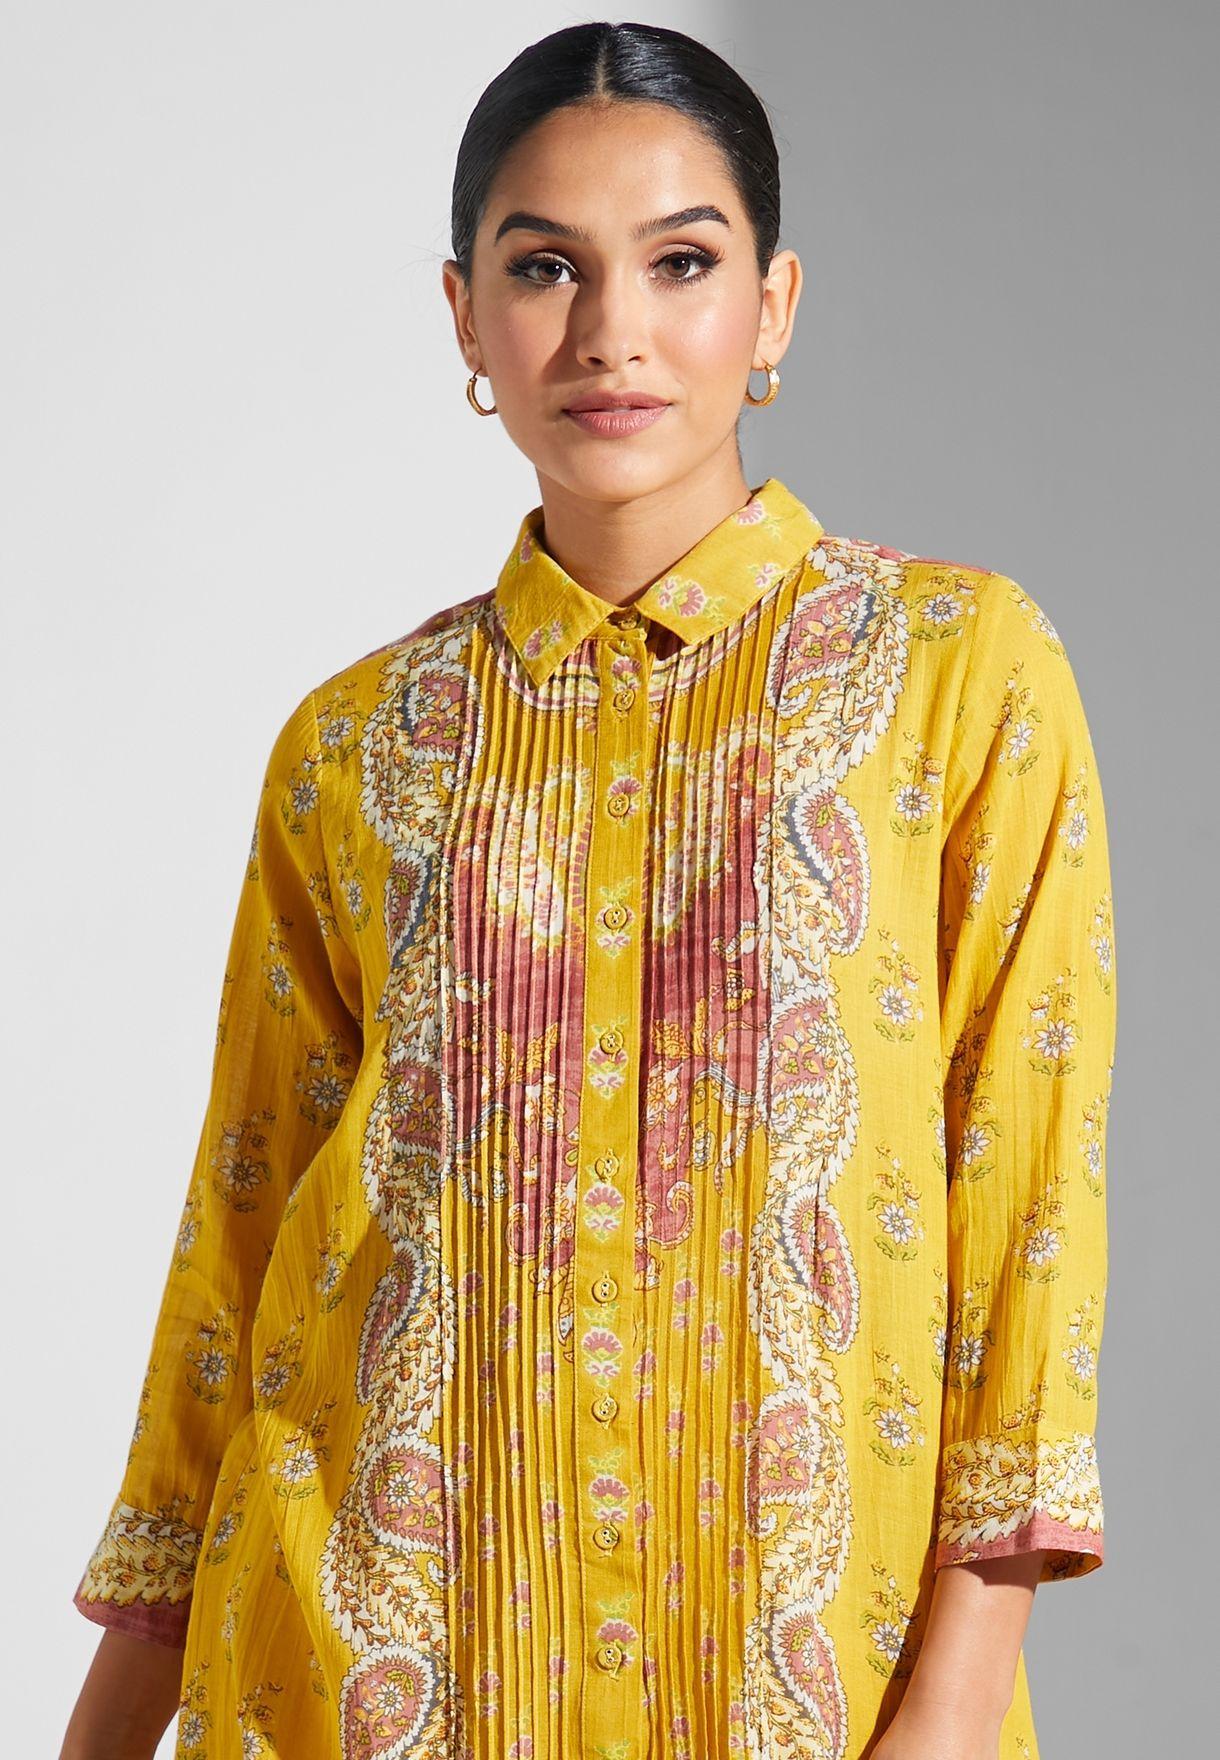 Collar Detail Printed Kurti